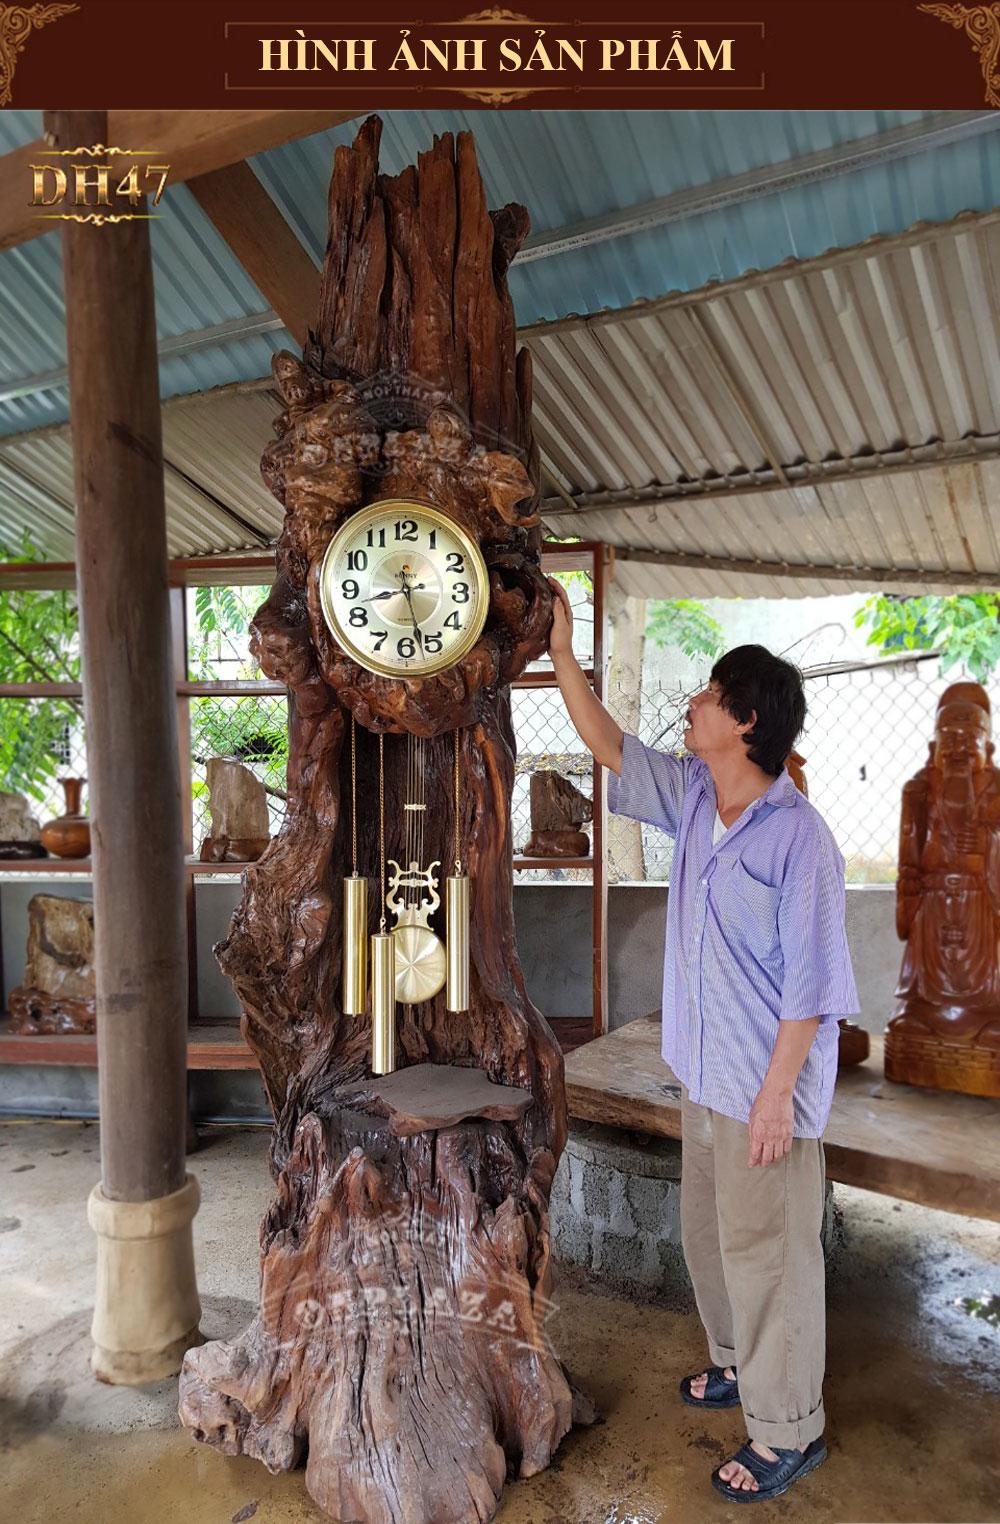 Đồng hồ cây gỗ ngọc am vàng DH47